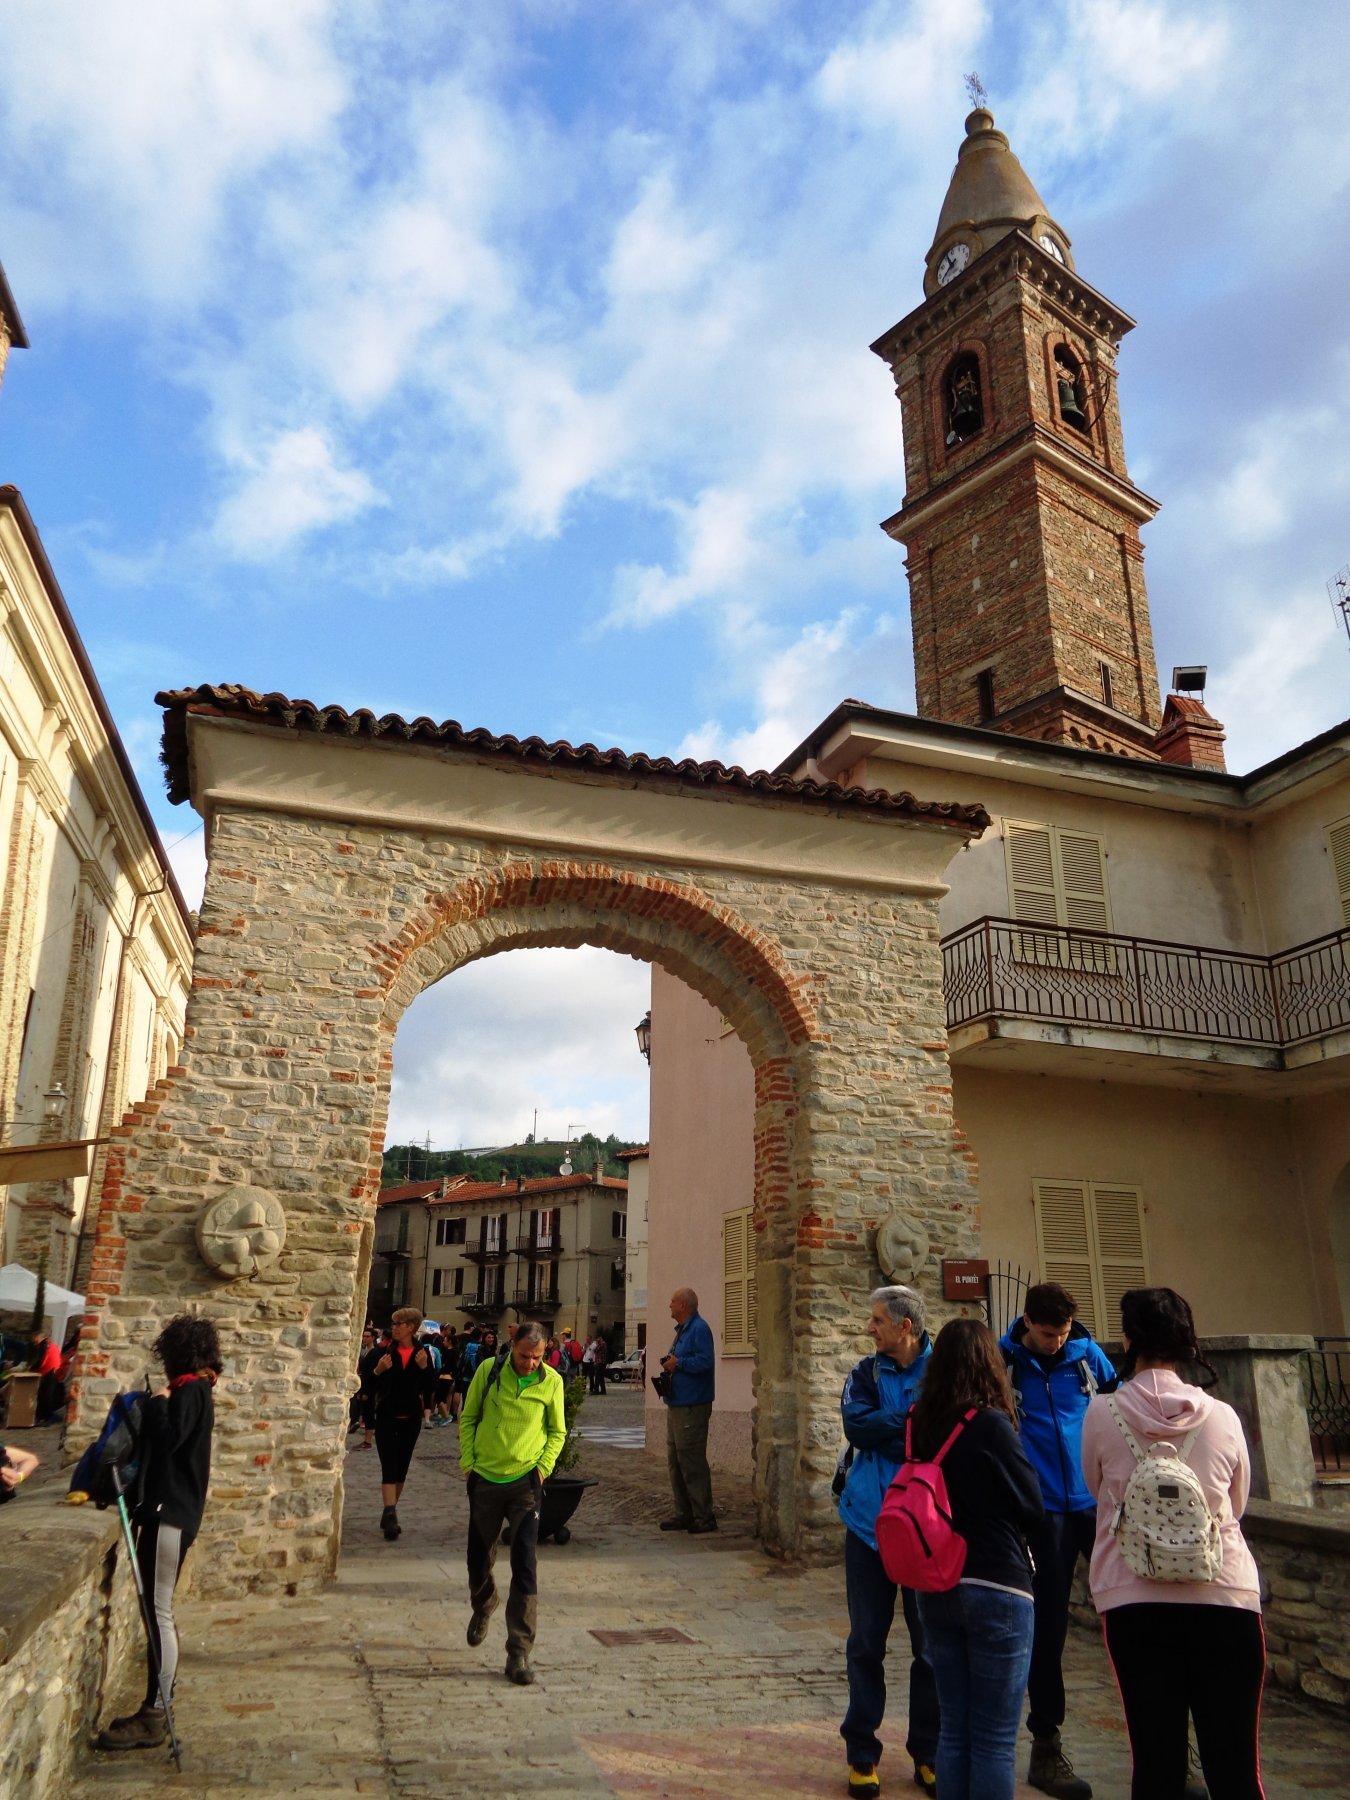 Torre di Monastero Bormida